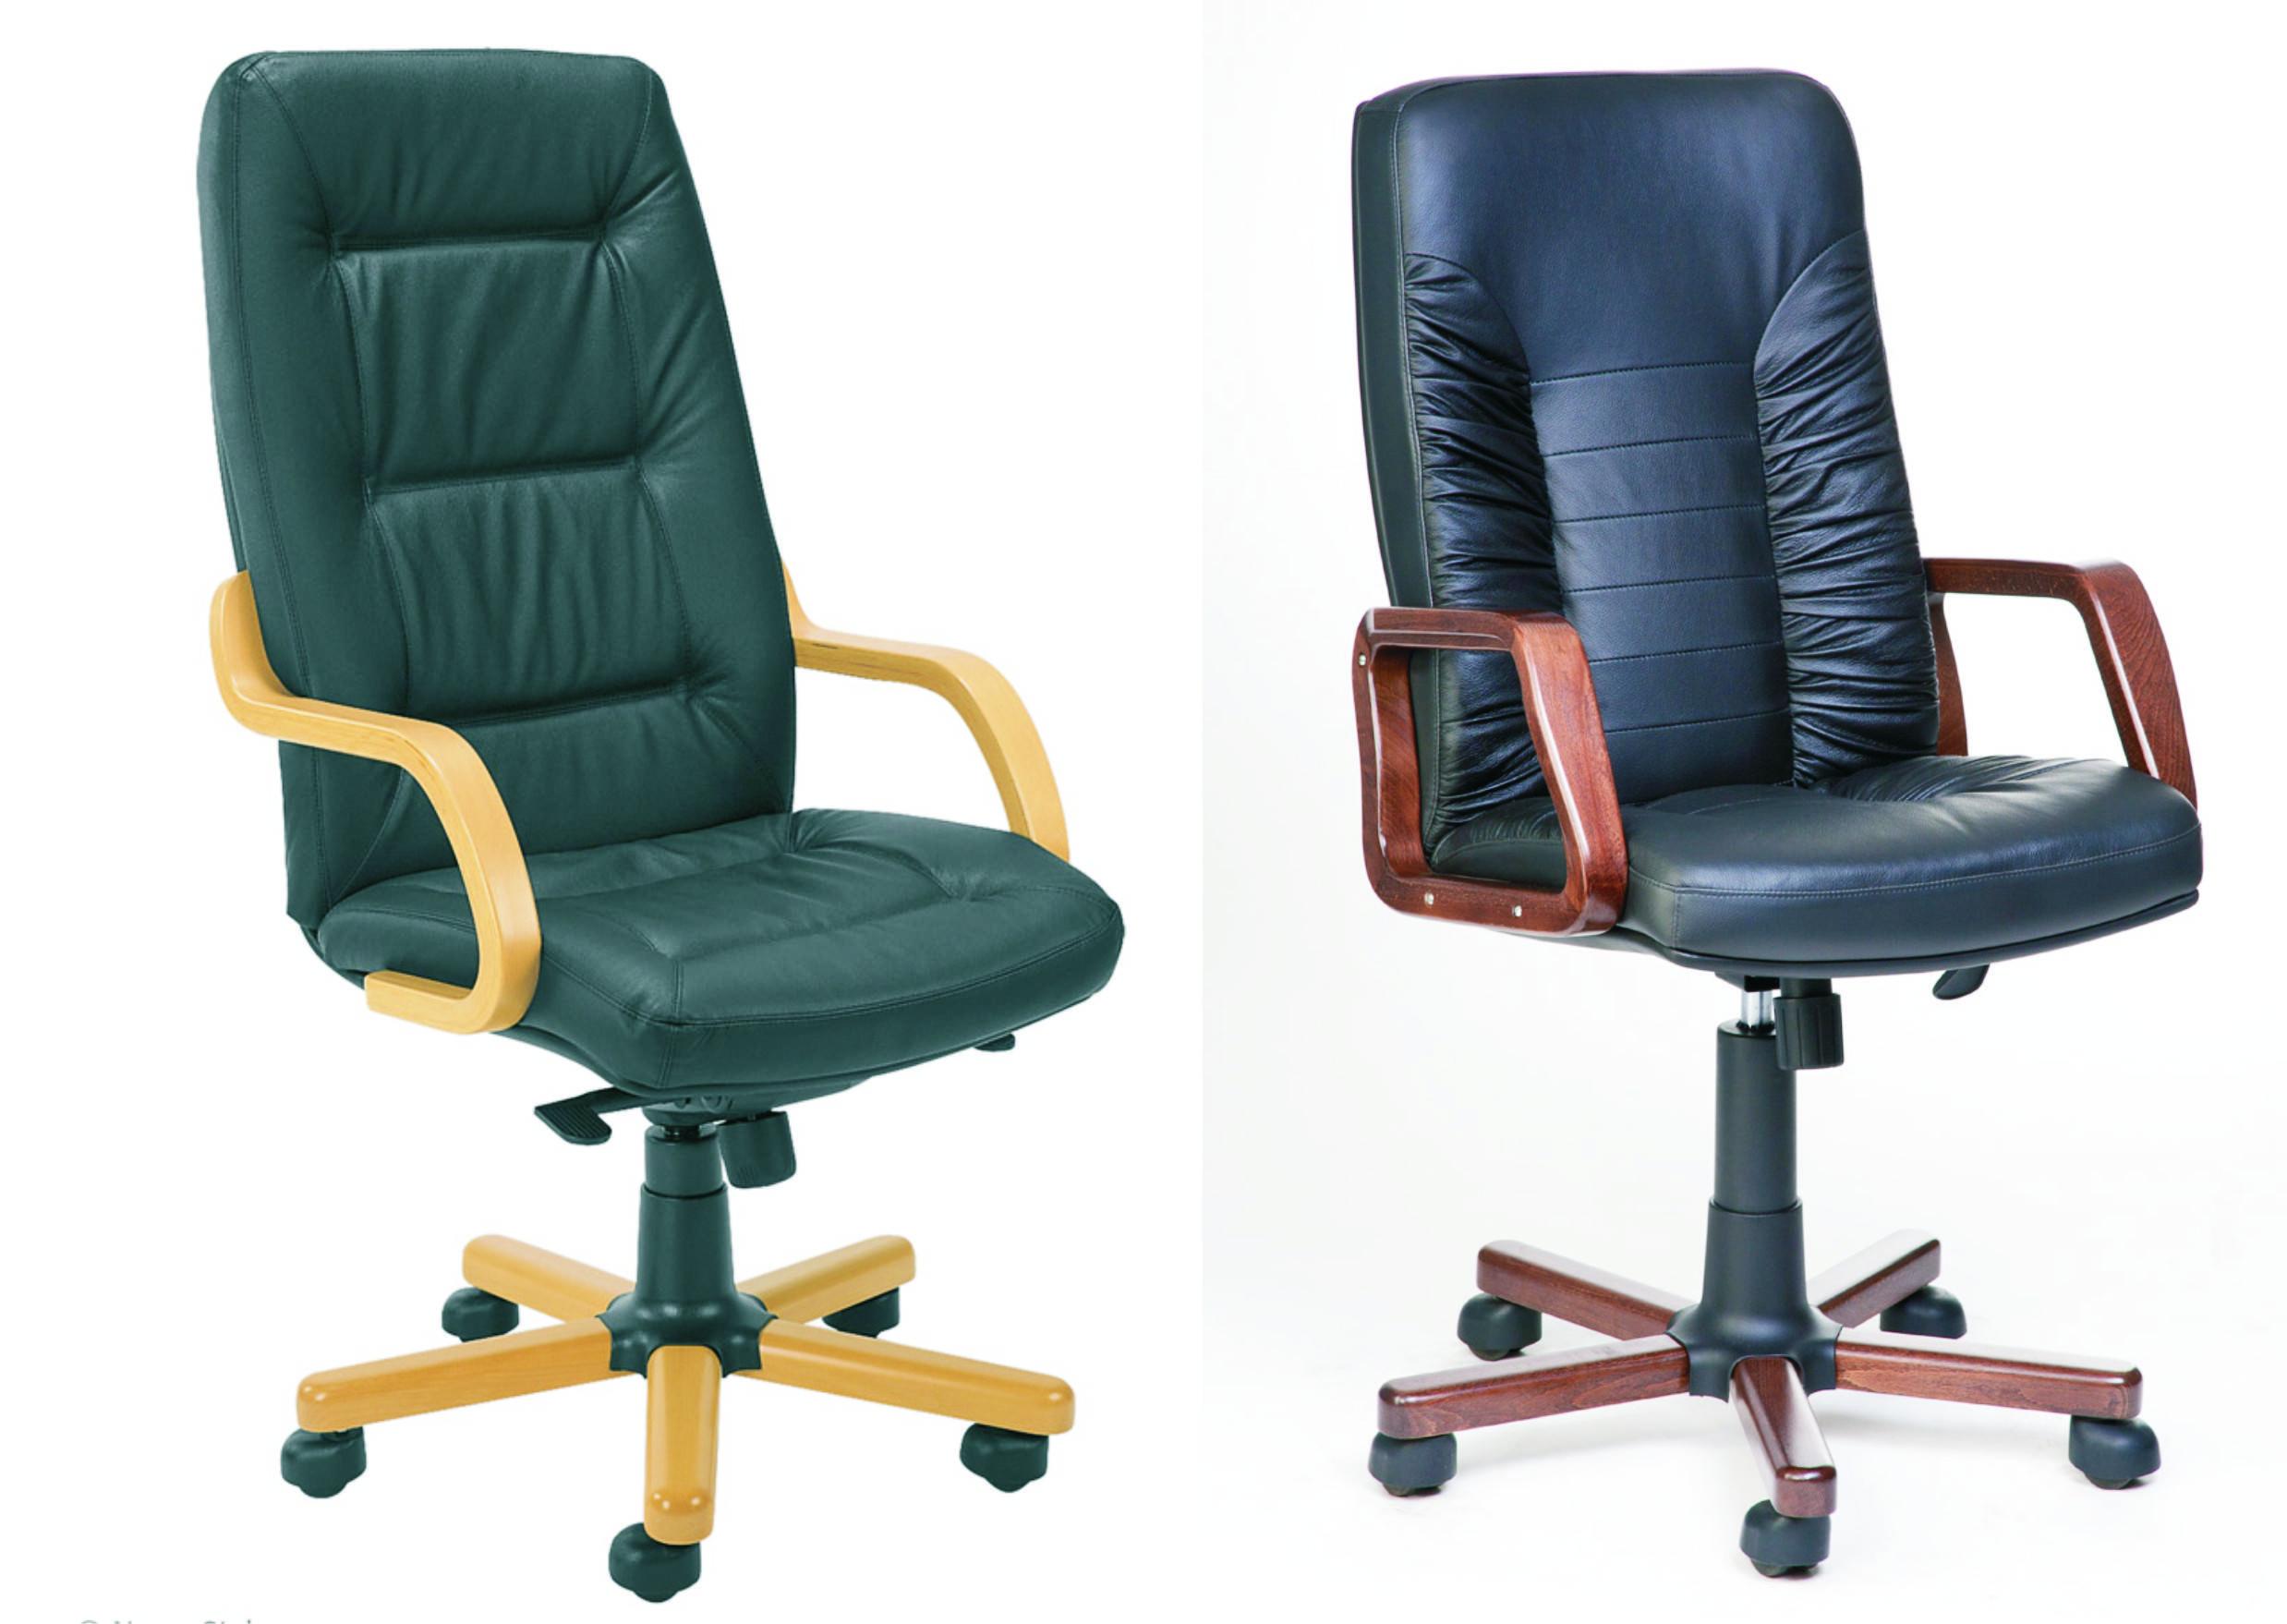 Перетяжка кресла своими руками — 100 фото и видео ремонта старой мебели. основные работы по реставрации мебели